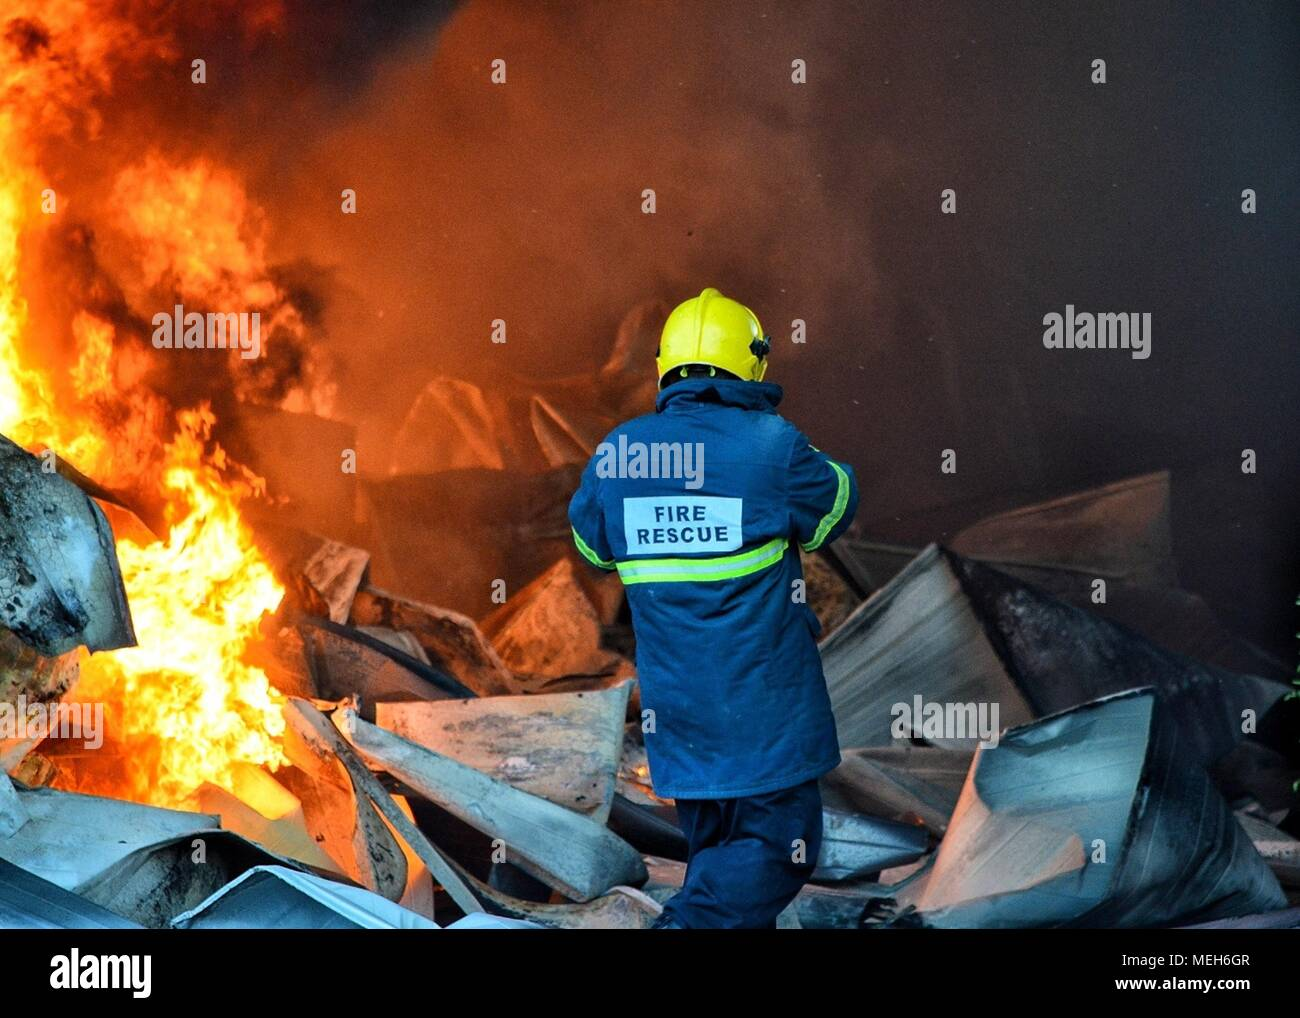 Firefighter combattendo con incendio, rescue cercando di reversibilità. Enormi fiamme bruciato una società di riciclaggio a Tirana, pompiere estinzione di Blaze Immagini Stock